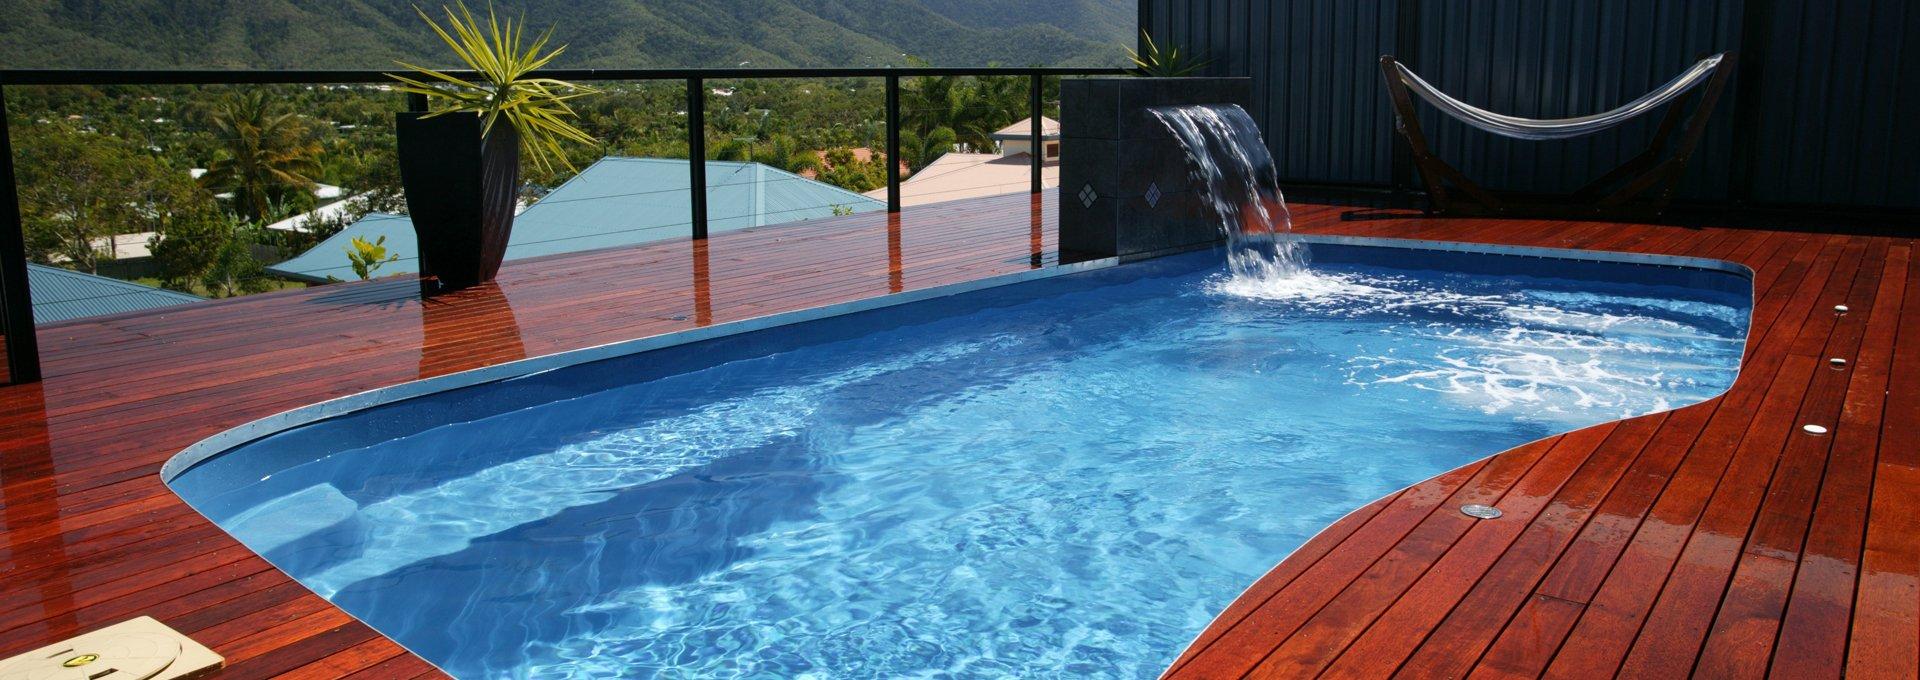 Pool solutions costa blanca for Swimming pool repairs costa blanca